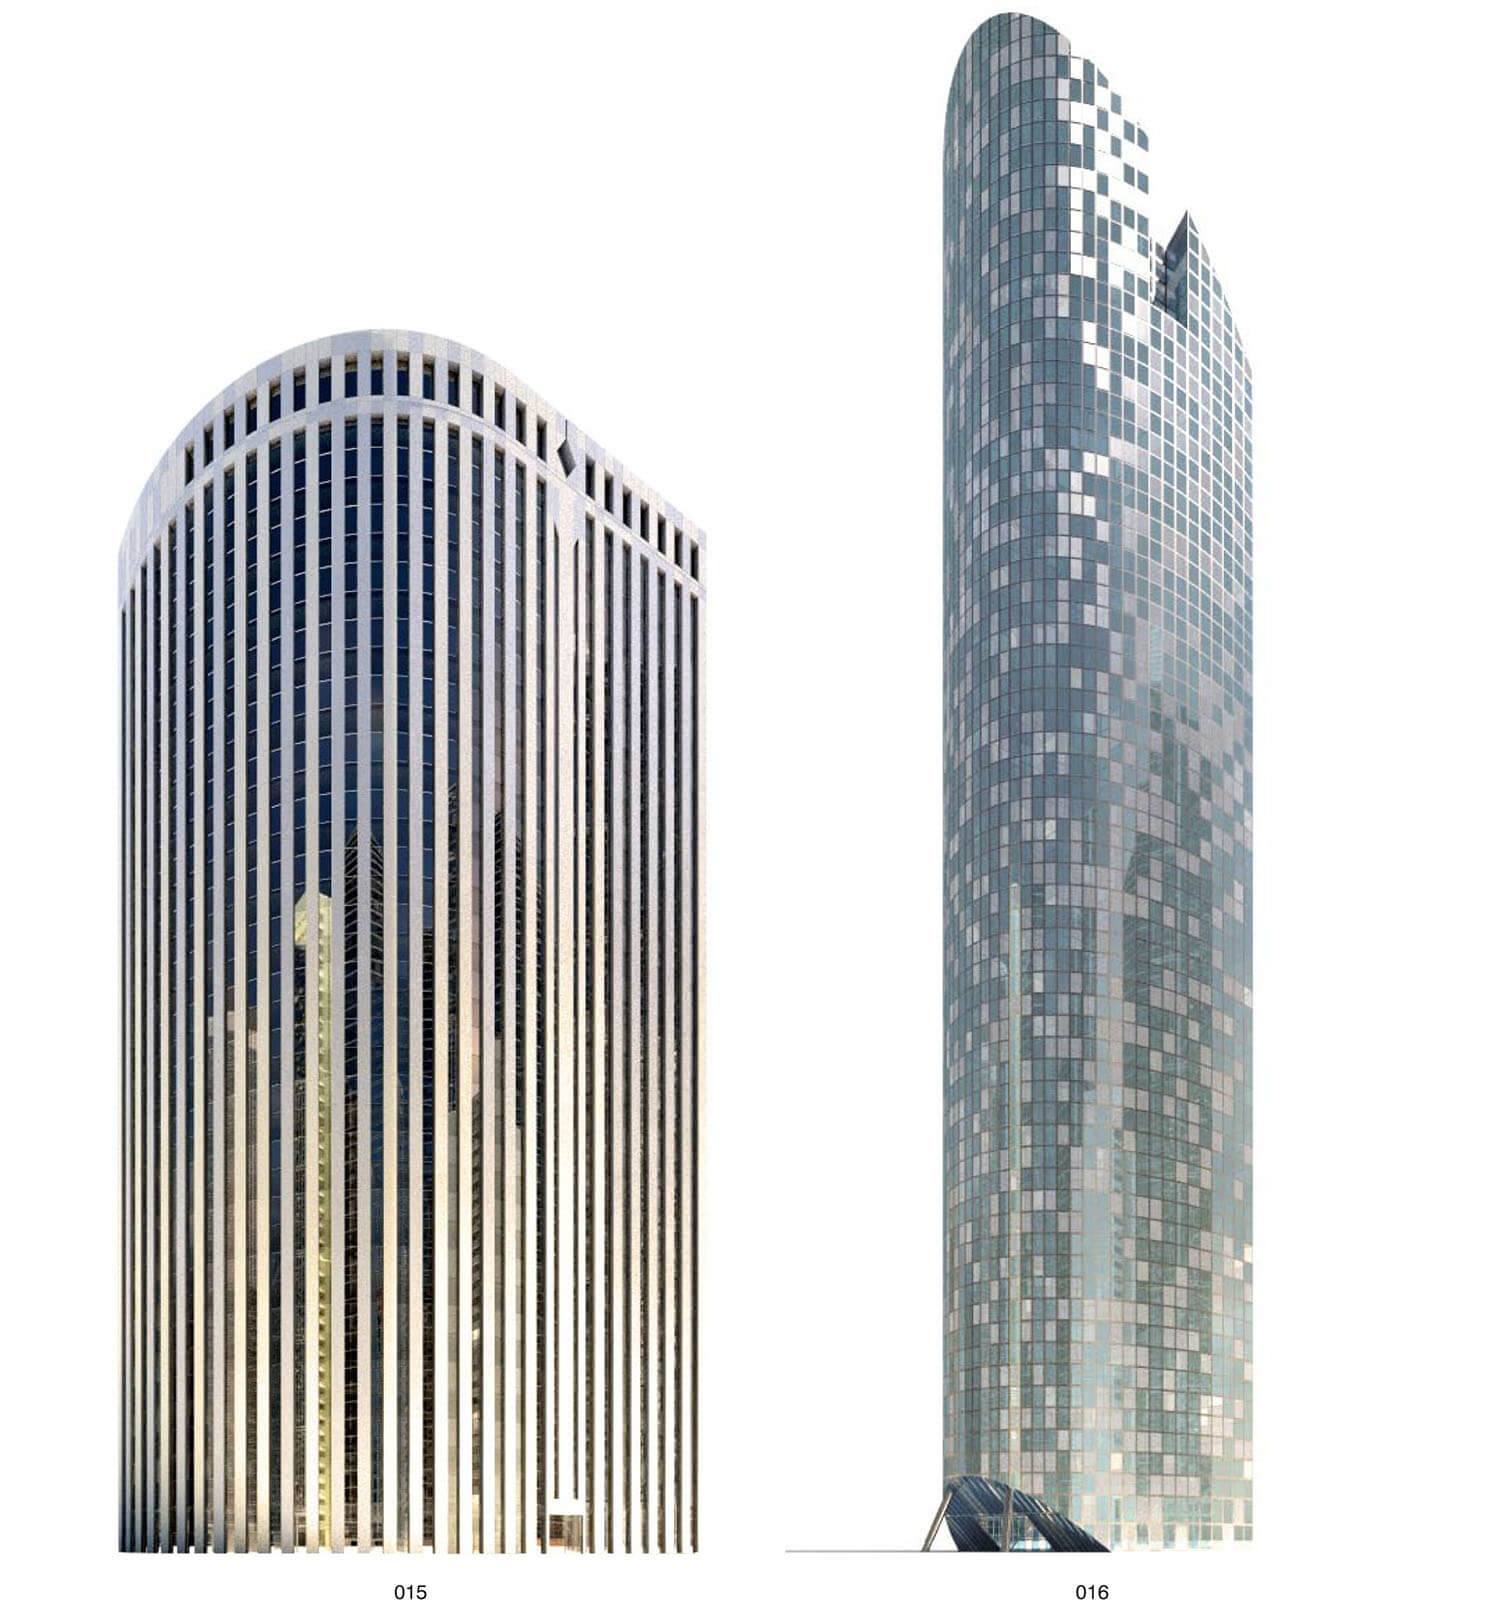 Nhà cao tầng với hình dáng cong hấp dẫn